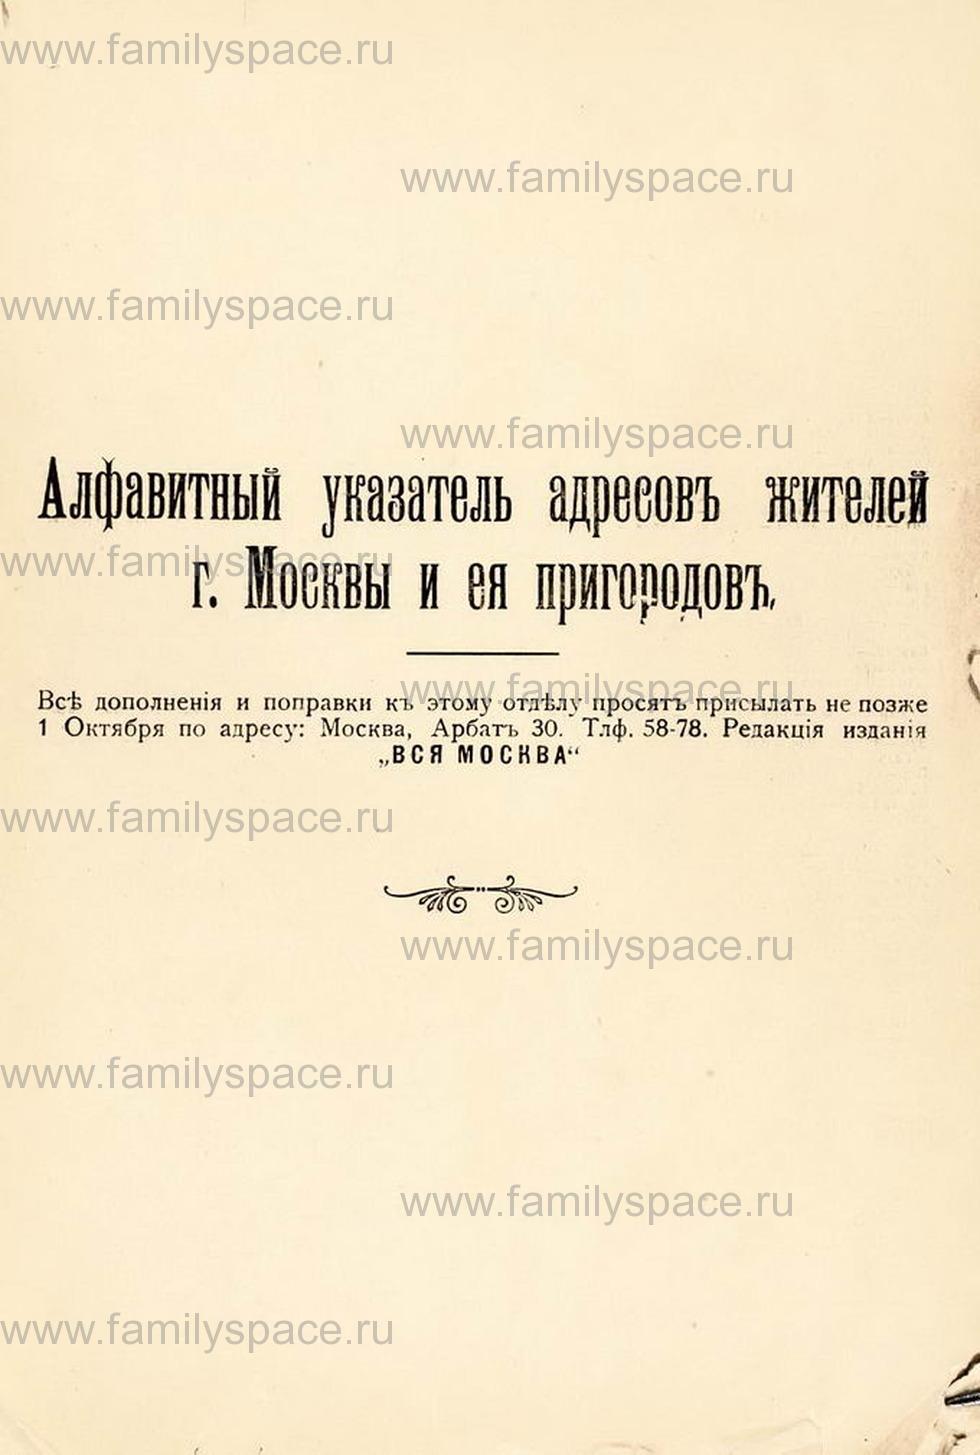 Поиск по фамилии - Москва - 1901, страница 1